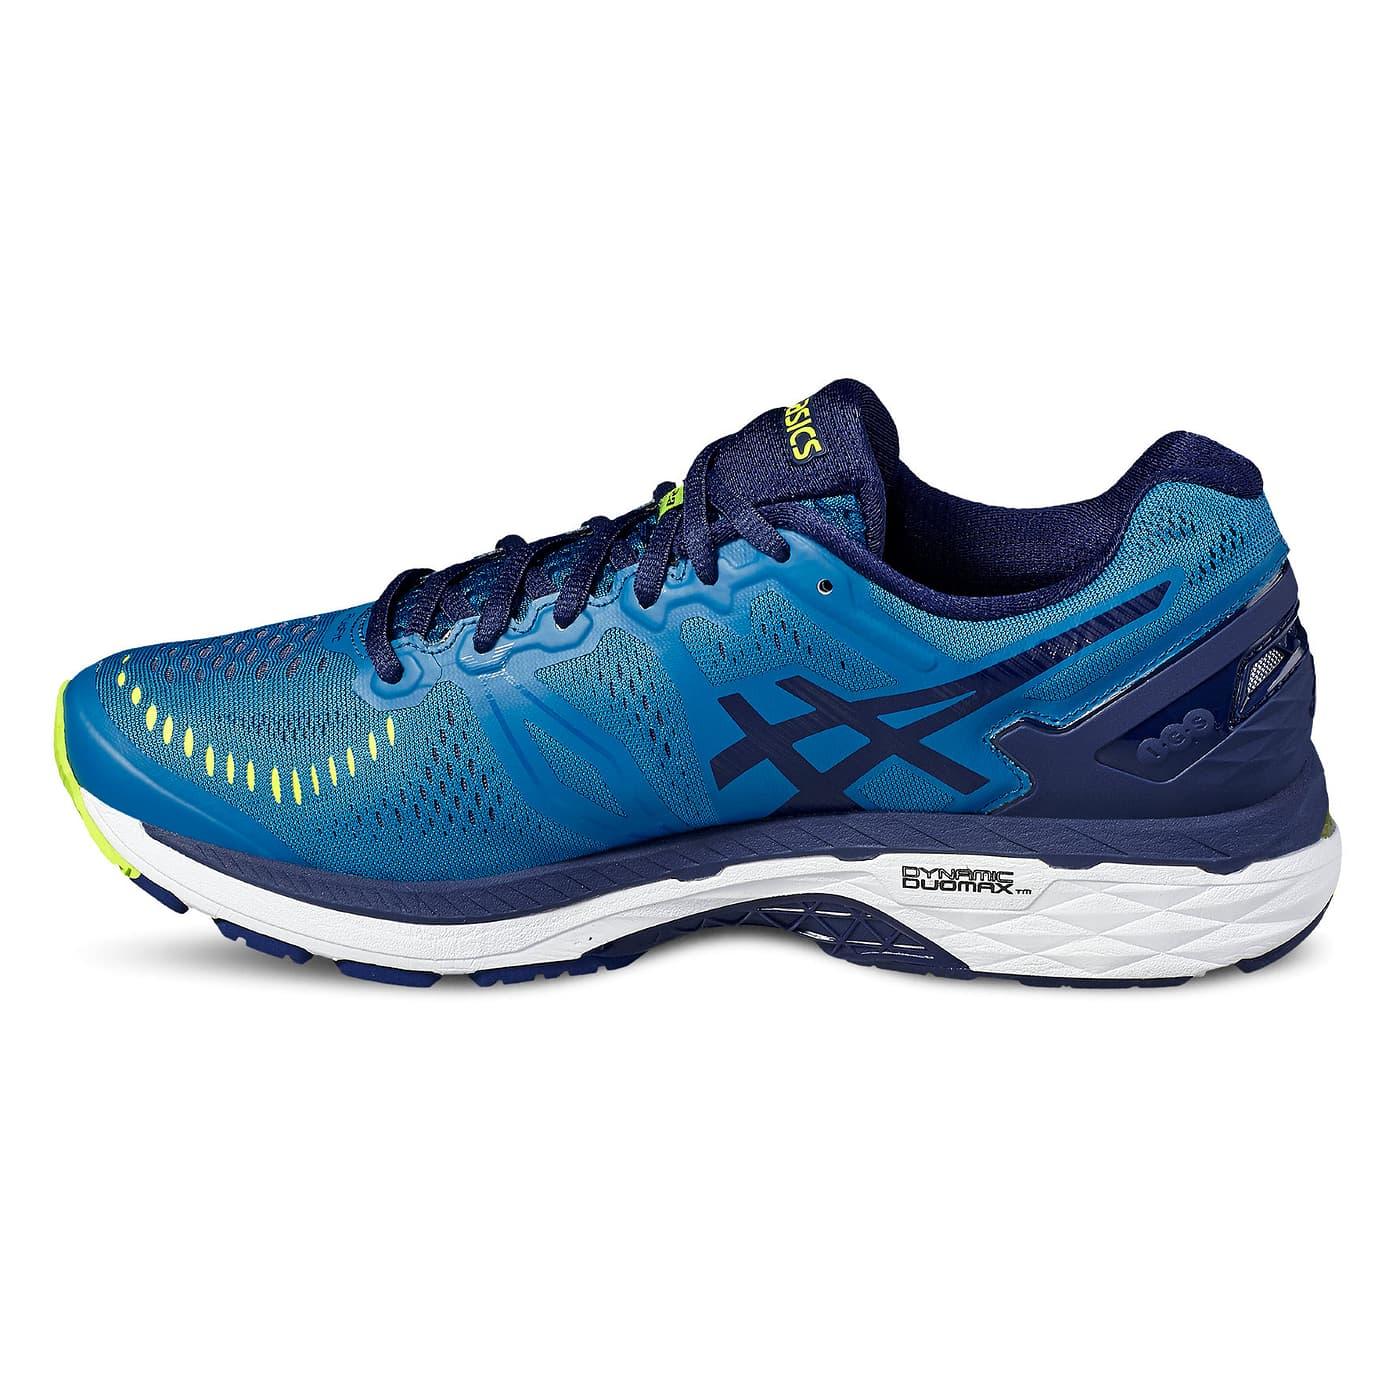 348627a197e98 Asics pour course homme Chaussures Gel 23 Migros Kayano de qxwrqFO6P